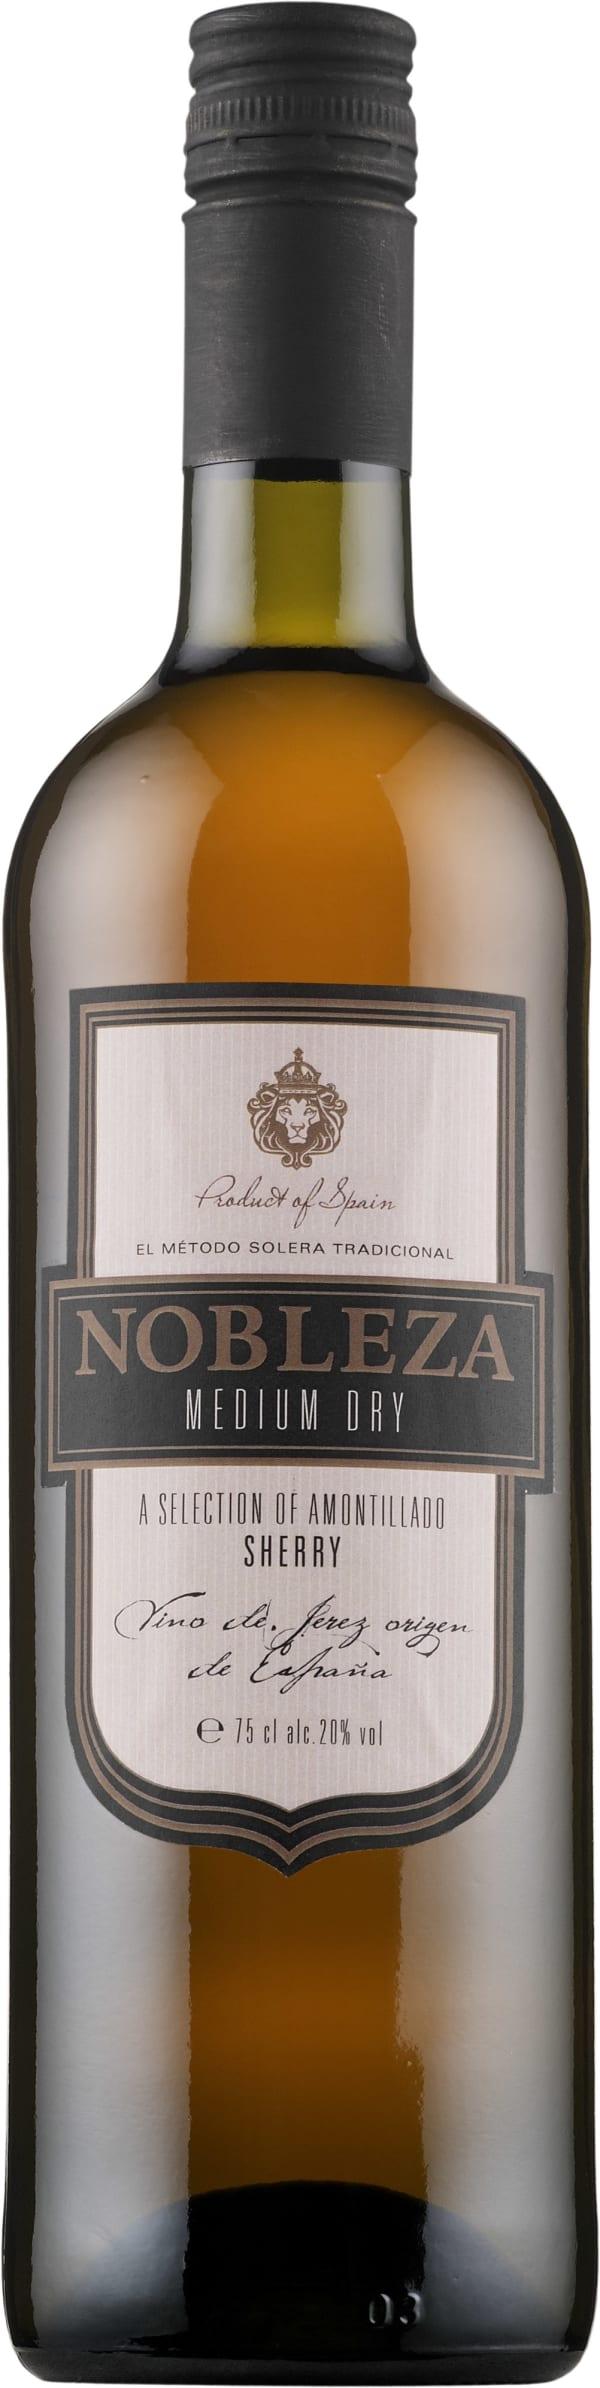 Nobleza Medium Dry Sherry